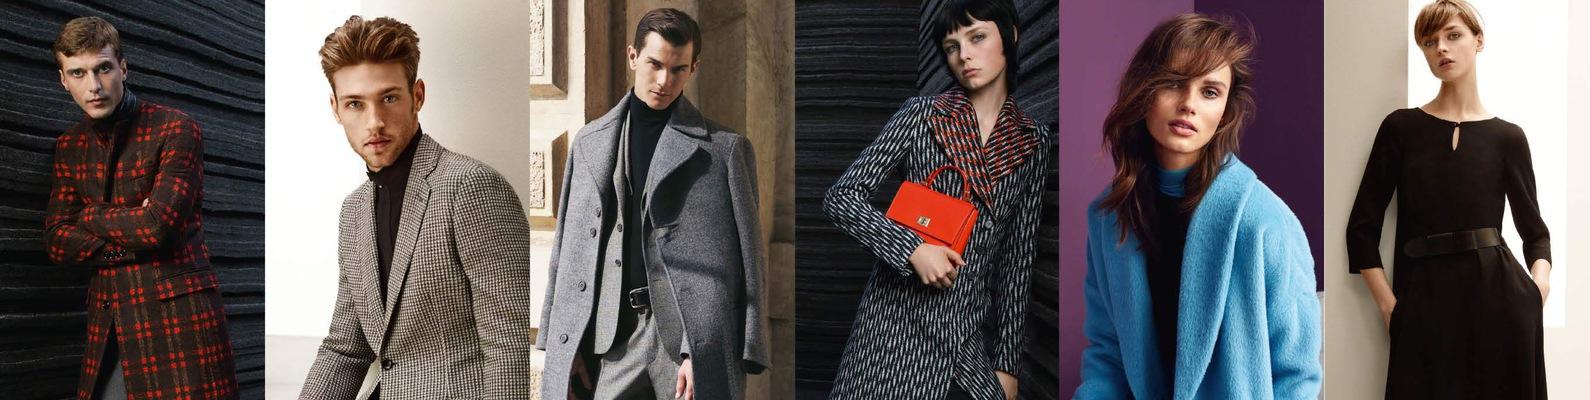 KOS group   Магазины мужской и женской одежды   ВКонтакте caf127b779c